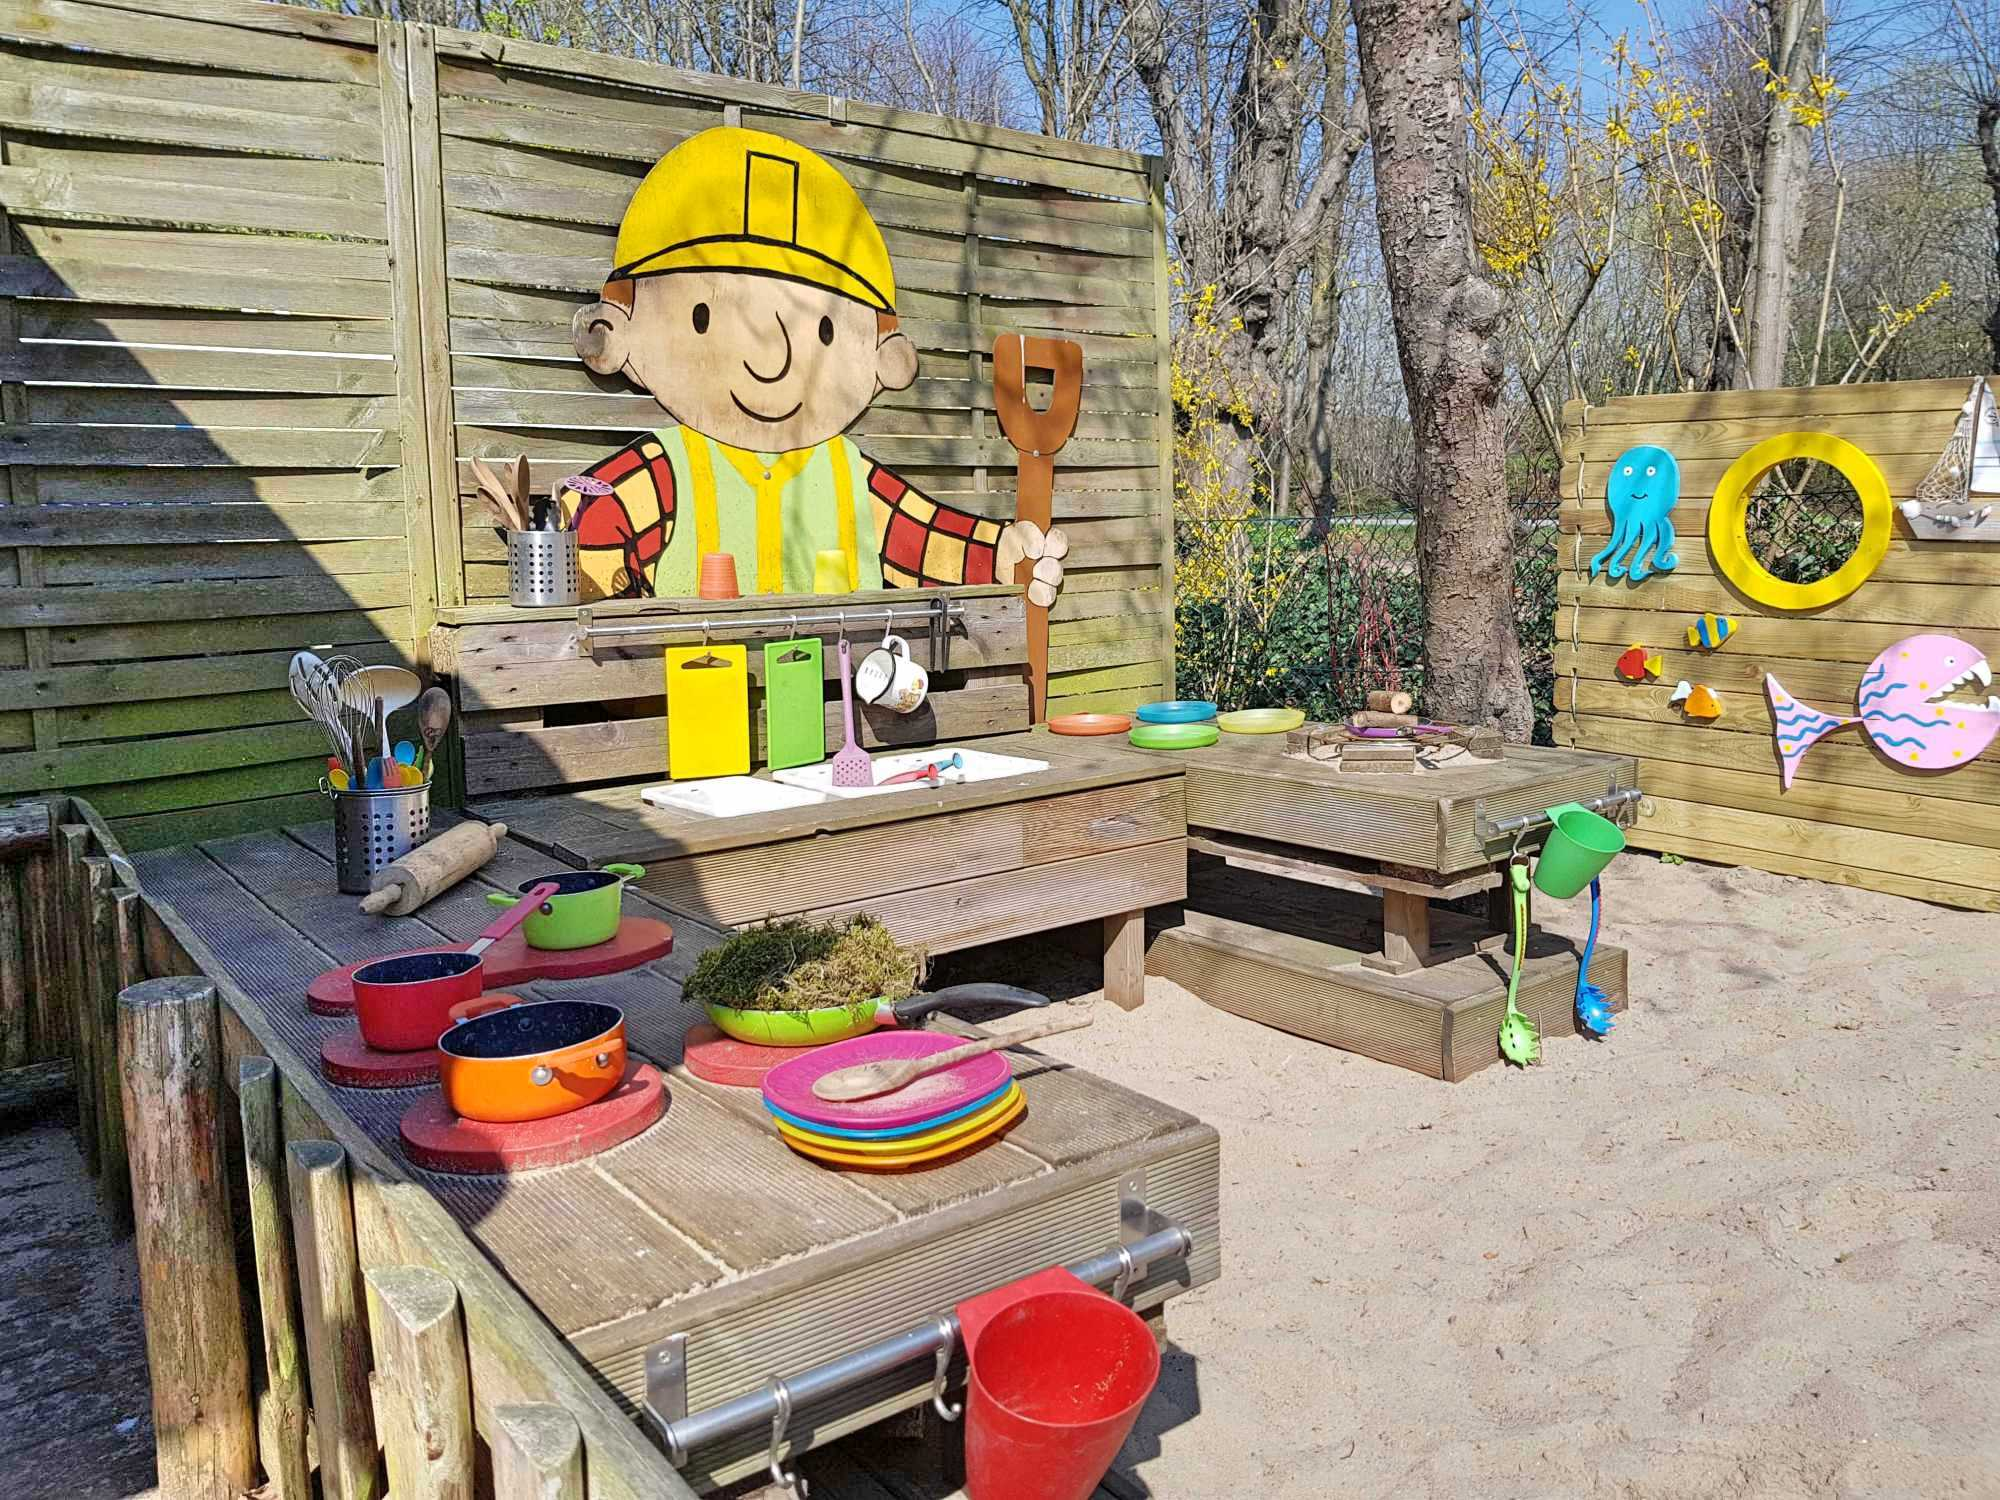 Kita Kid Zone Kinderbetreuung Matschküche Palettery 1 - Outdoor-Kinderküche